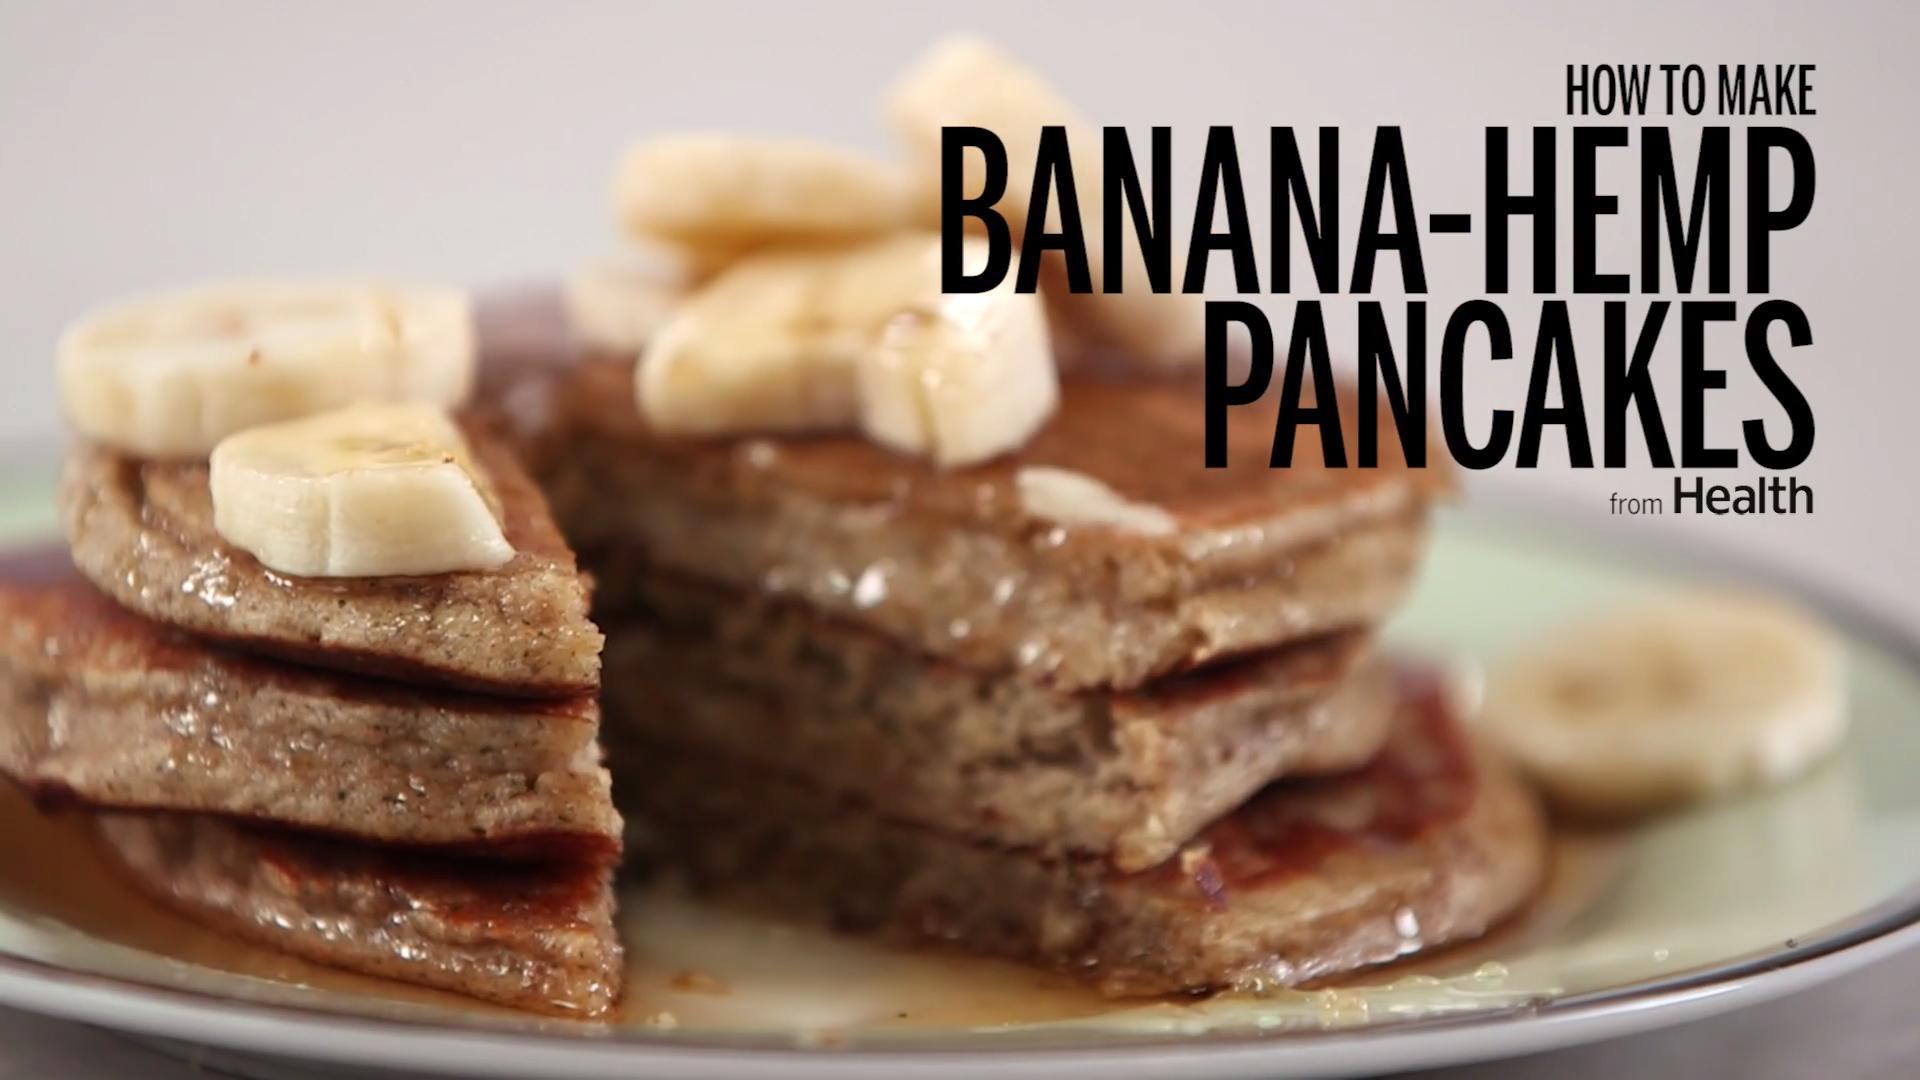 Banana Hemp Pancakes